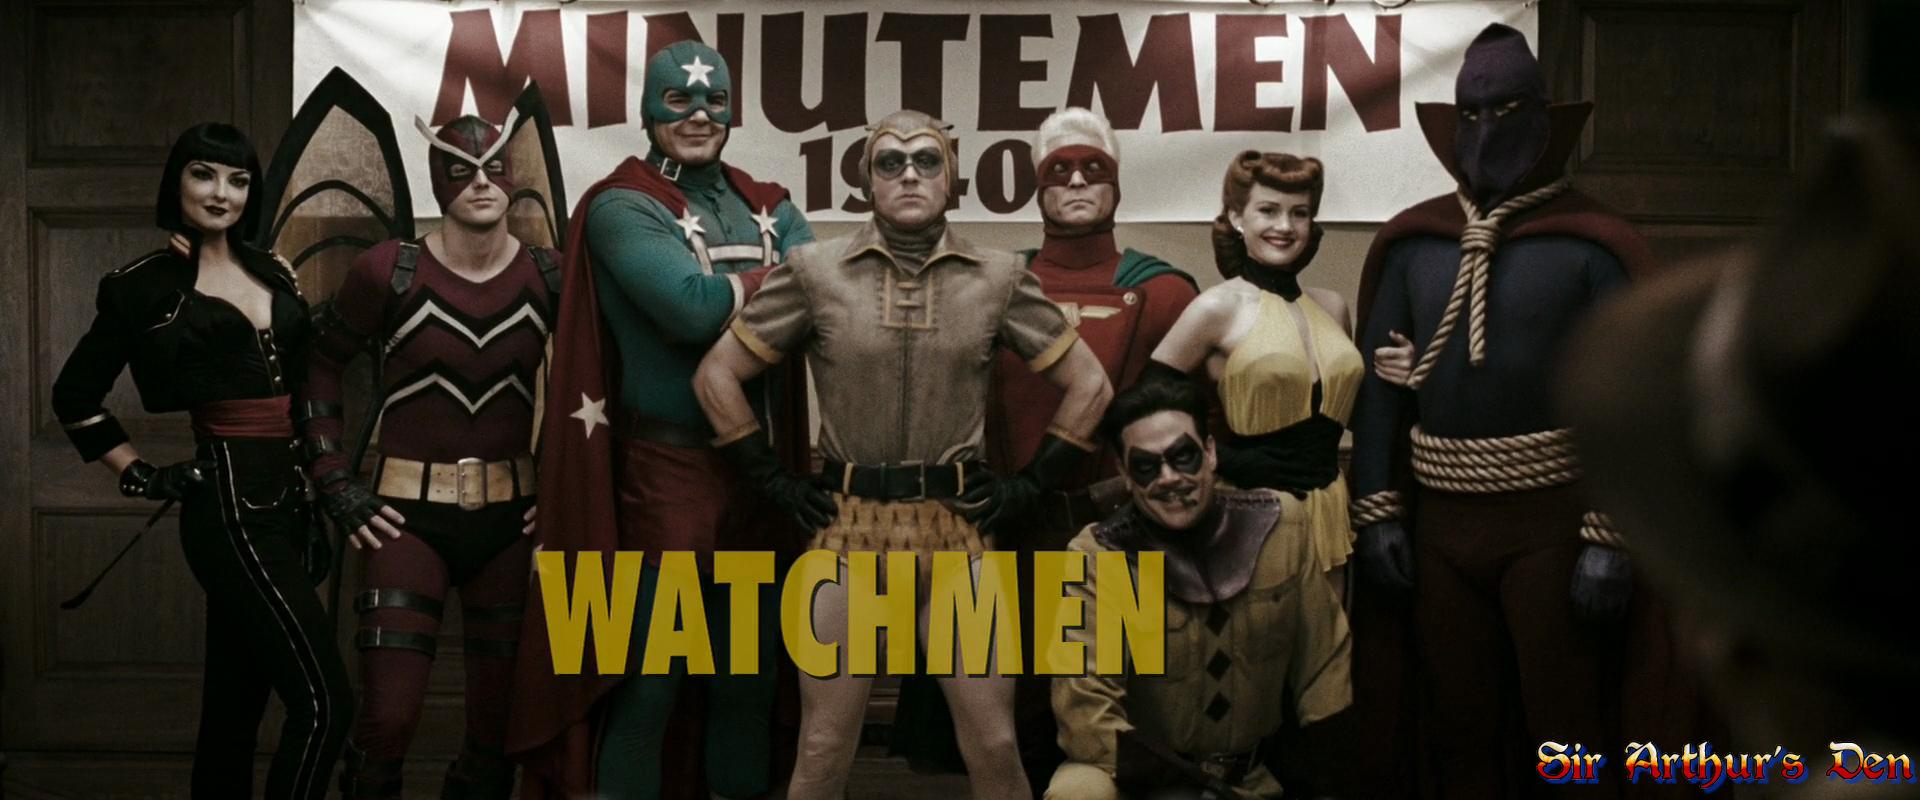 snapshots 3 high definition high emulation sir arthur s den watchmen screenshot 1 watchmen screenshot 2